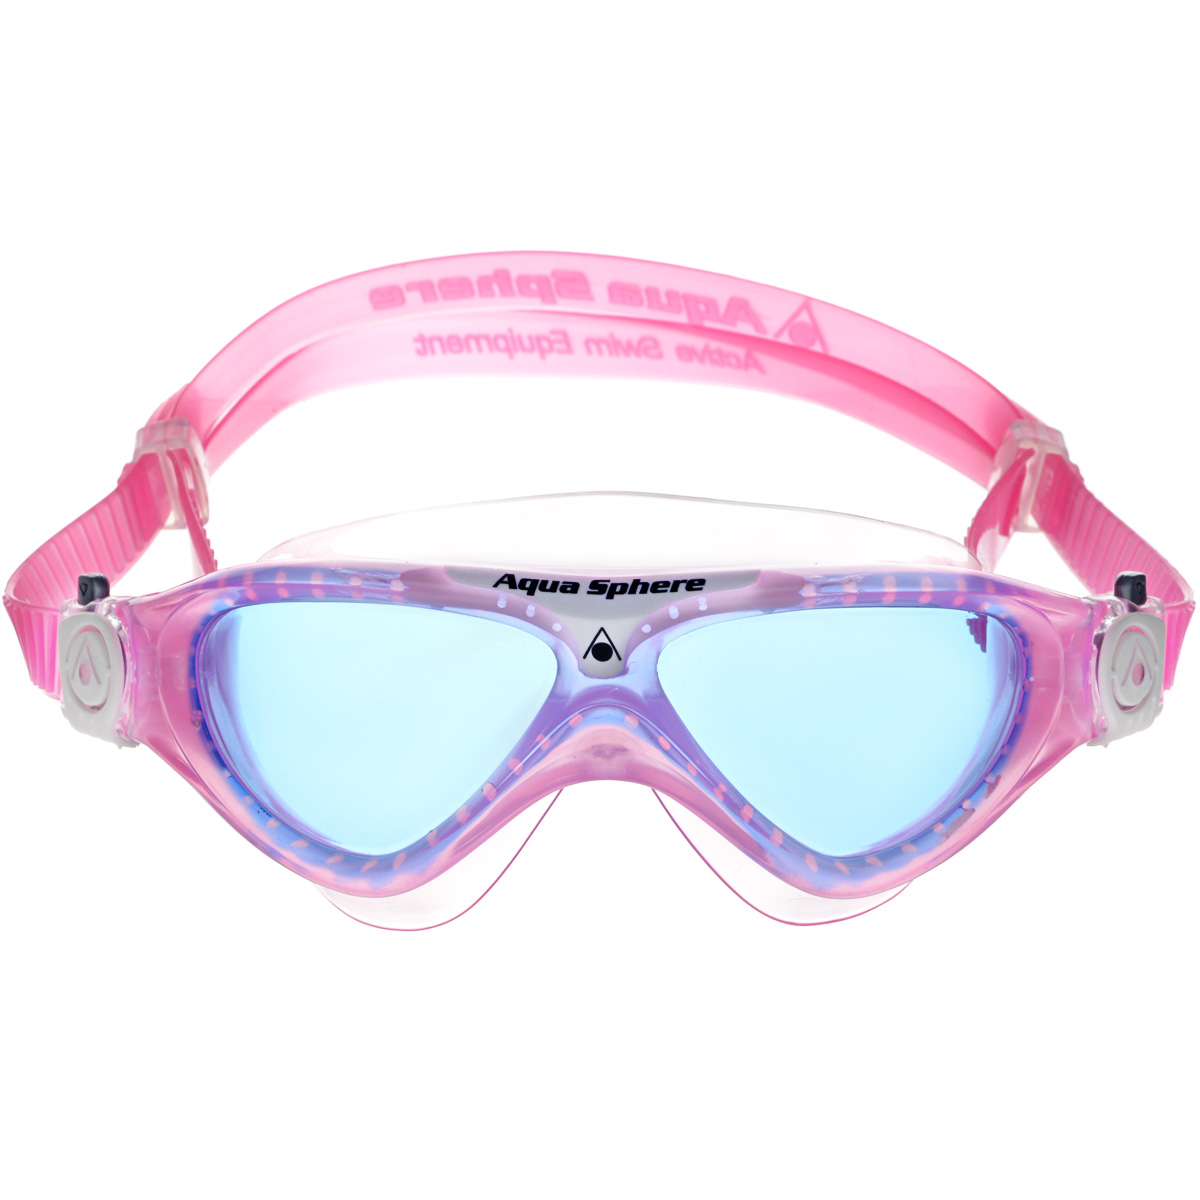 Очки для плавания Aqua Sphere Vista Junior, цвет: розовый, белый, синийTN 169780Модные и стильные очки для плавания Aqua Sphere Vista Junior идеально подходят для плавания в бассейне или открытой воде. Оснащены линзами с антизапотевающим покрытием, которые устойчивы к появлению царапин. Мягкий комфортный обтюратор плотно прилегает к лицу.Запатентованные изогнутые линзы дают прекрасный обзор на 180° - без искажений. Очки дают 100% защиту от ультрафиолетового излучения спектра А и спектра В.Материал: плексисол, силикон.